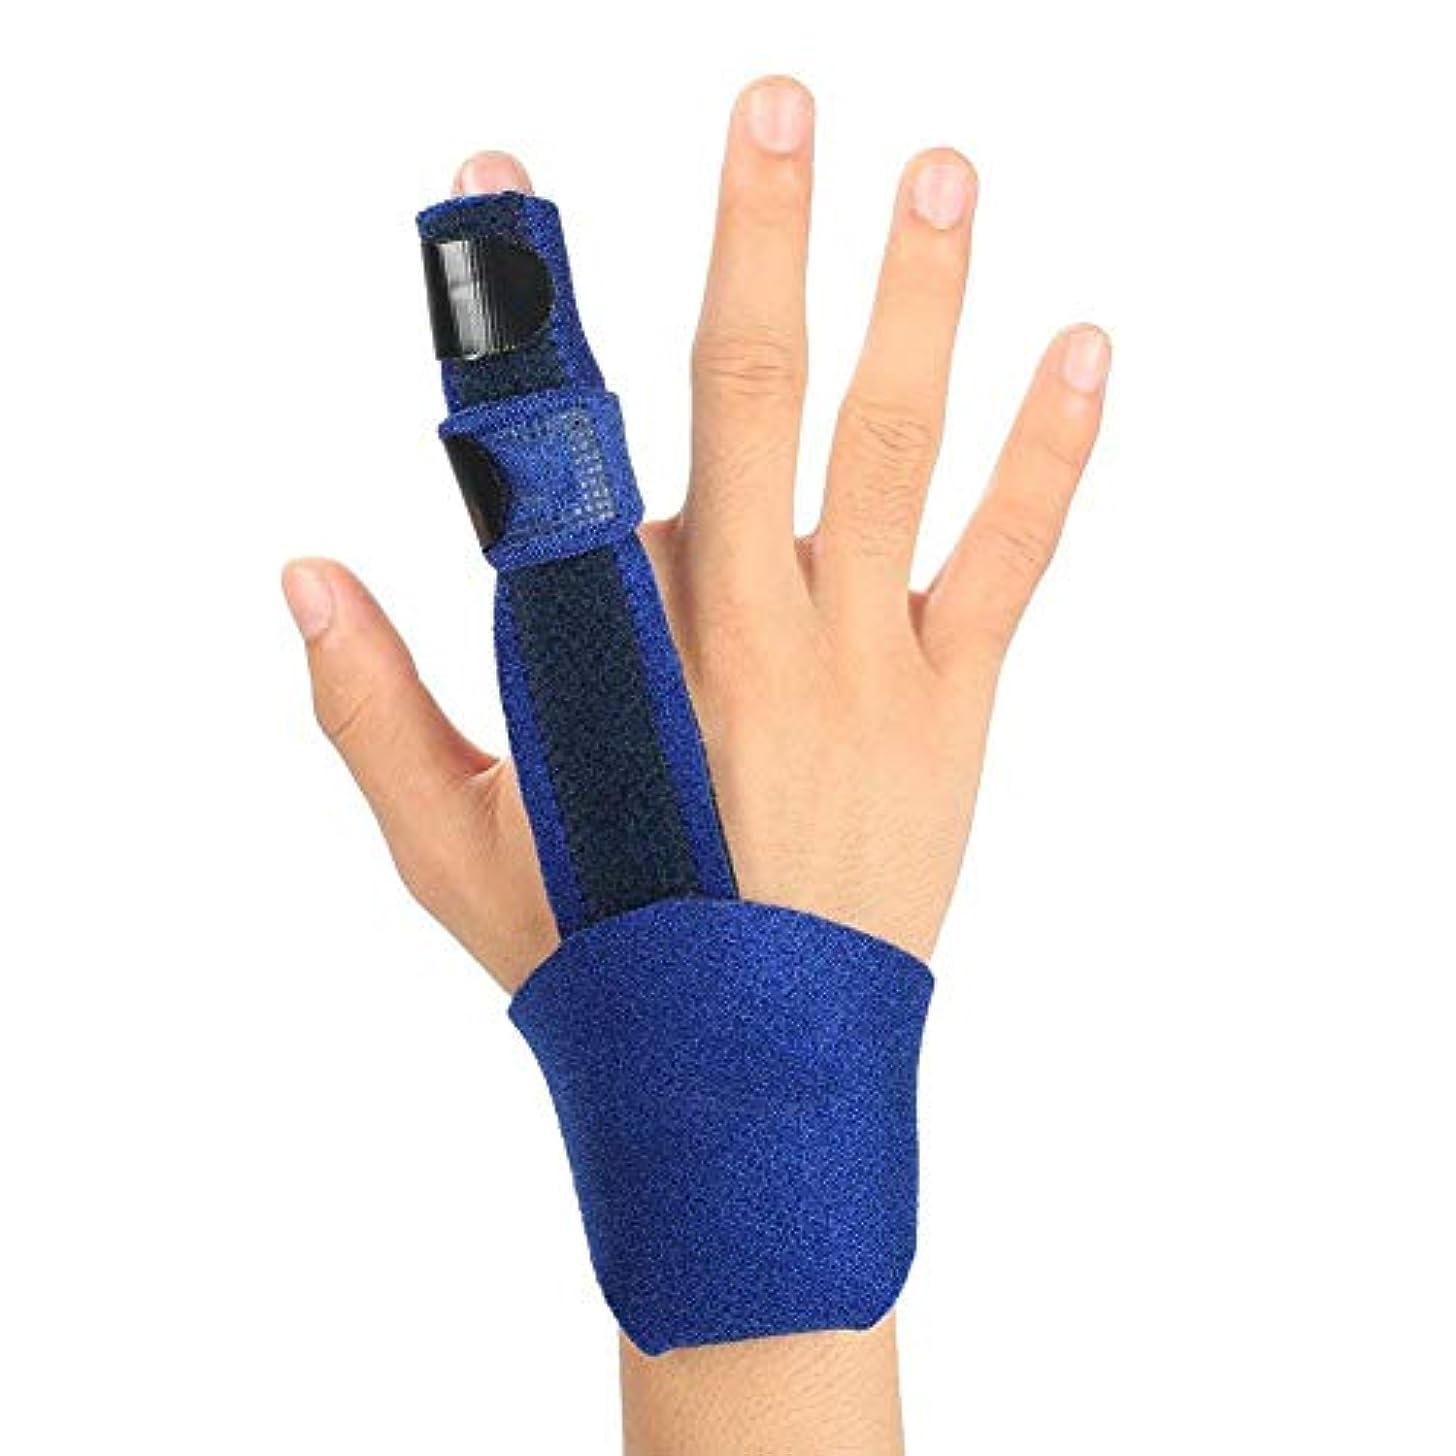 カフェテリア書き出す横たわる指プロテクターサポート指手袋マレットブレーストリガー指関節炎と靭帯の痛み指拡張副木